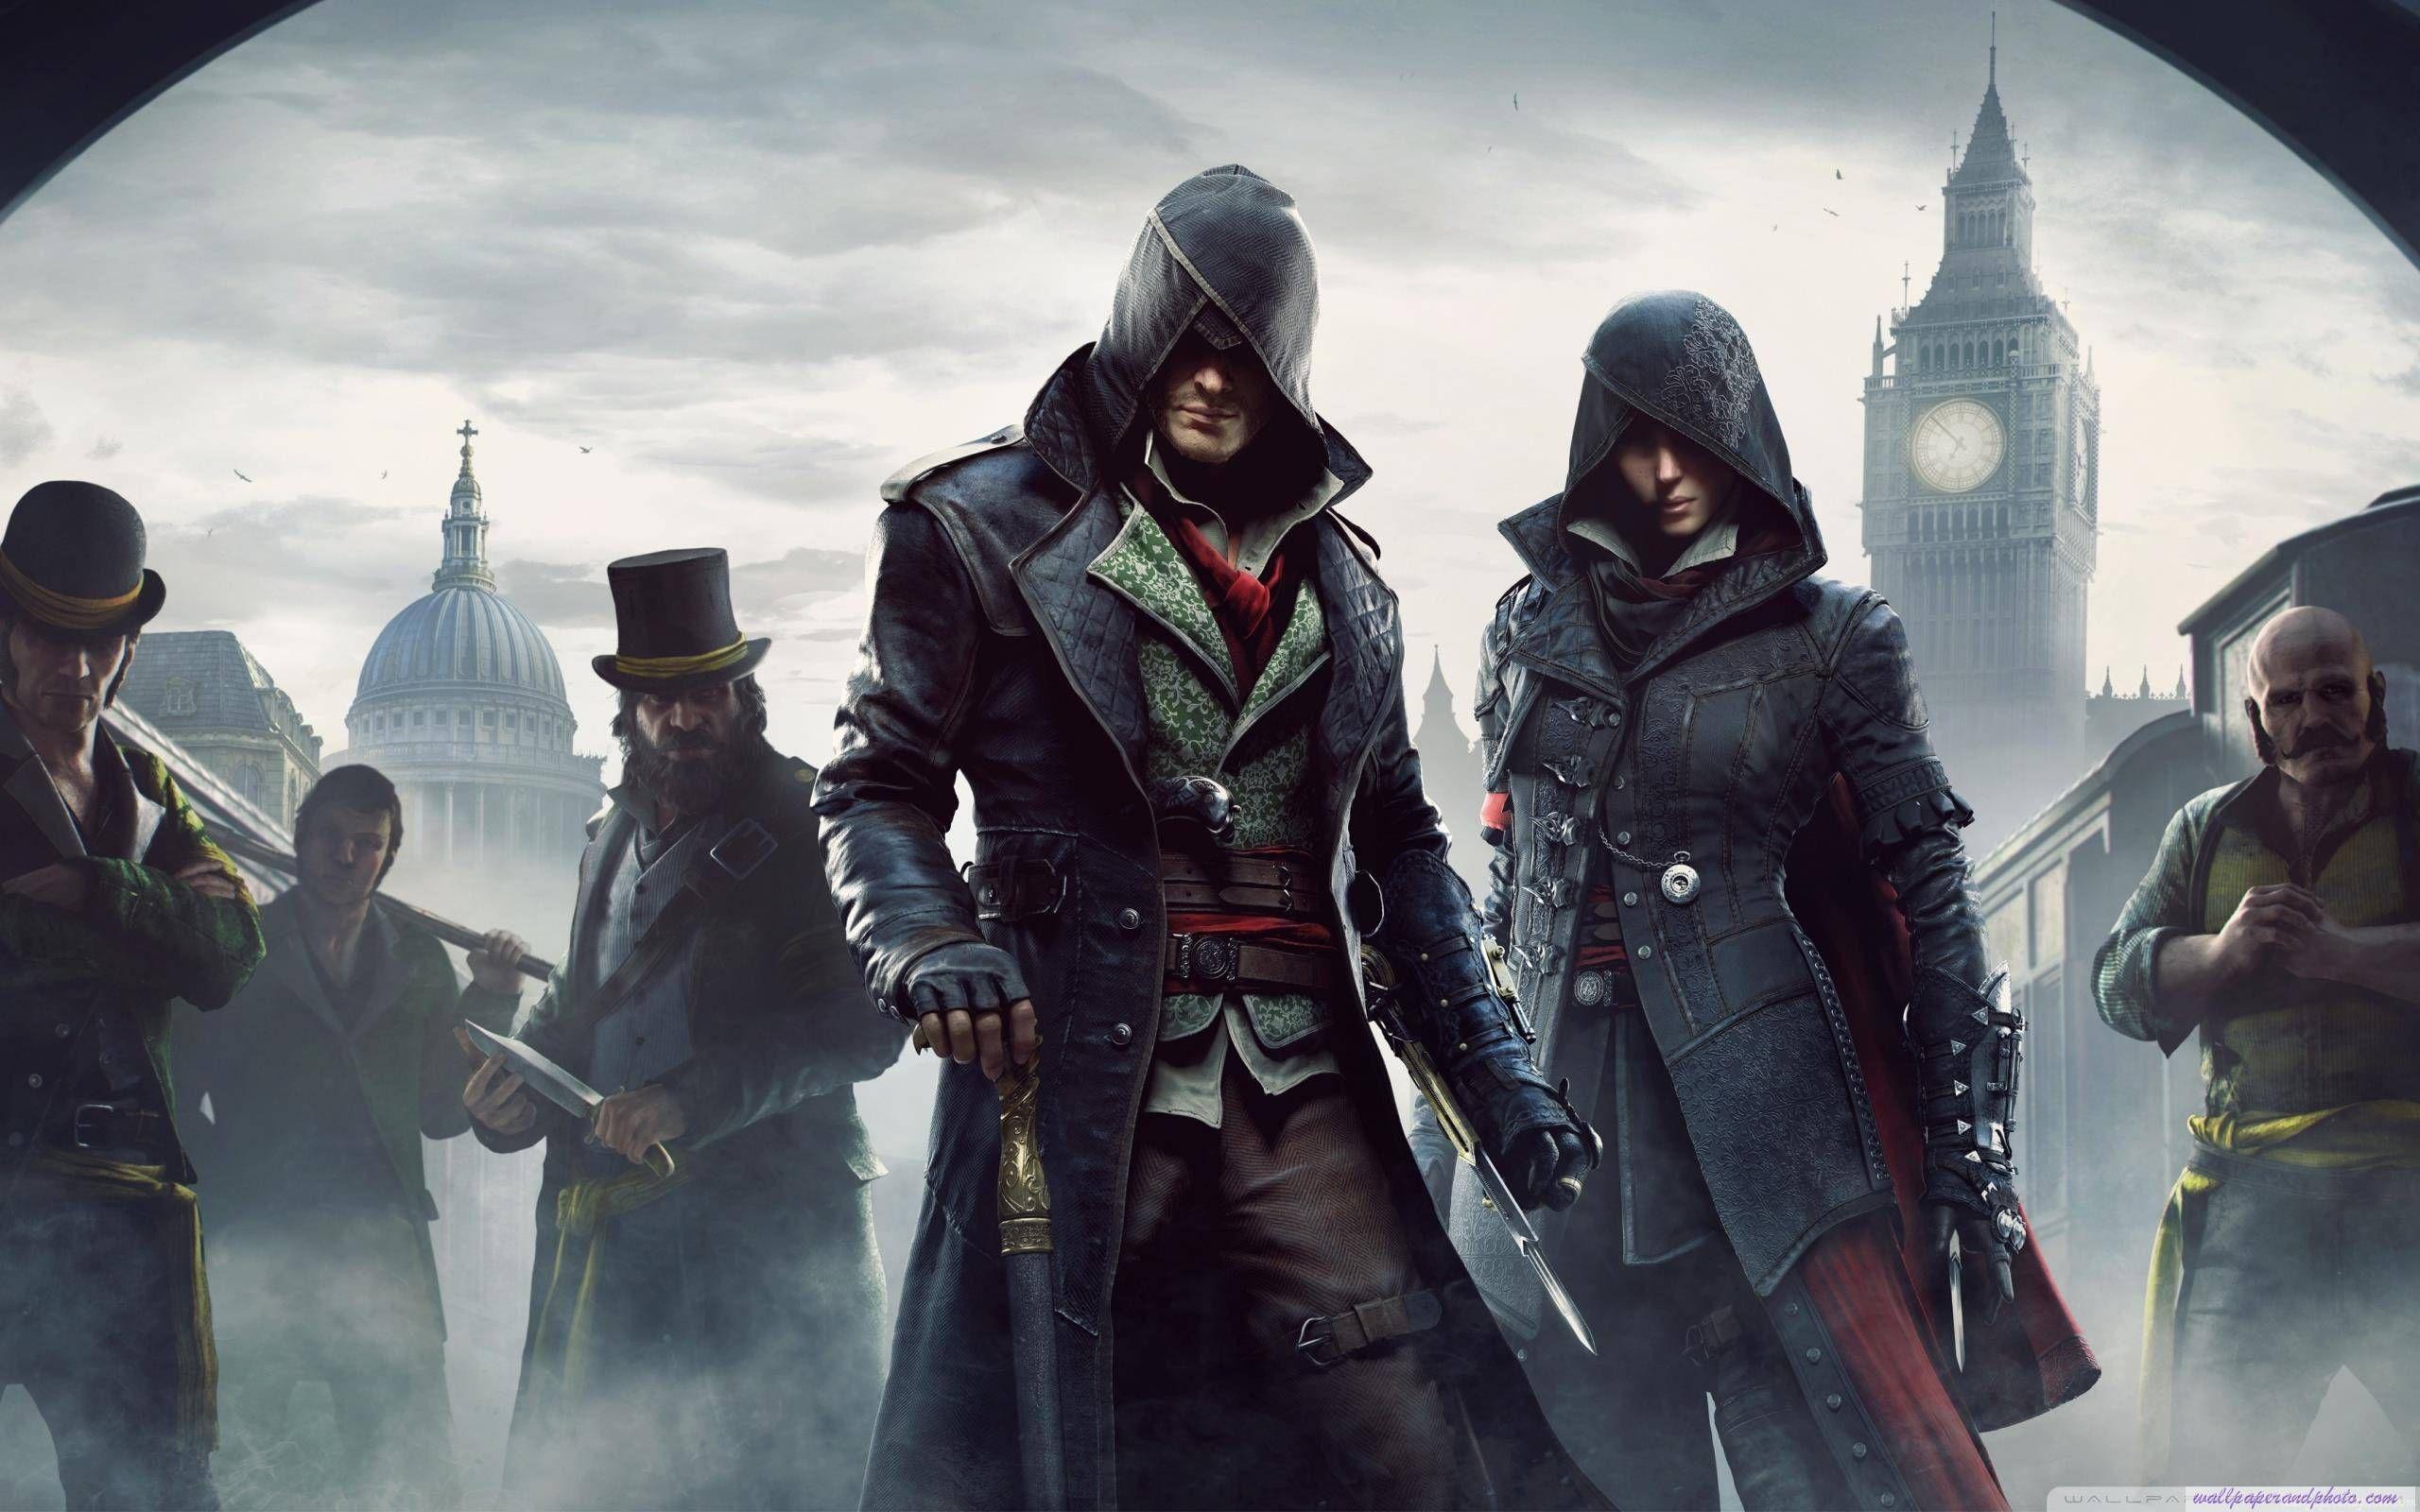 Assassins Creed Syndicate Hd 16 9 16 10 Desktop Wallpaper Widescreen Fullscreen Mobi Assassins Creed Evie Assassins Creed Unity Assassin S Creed Wallpaper